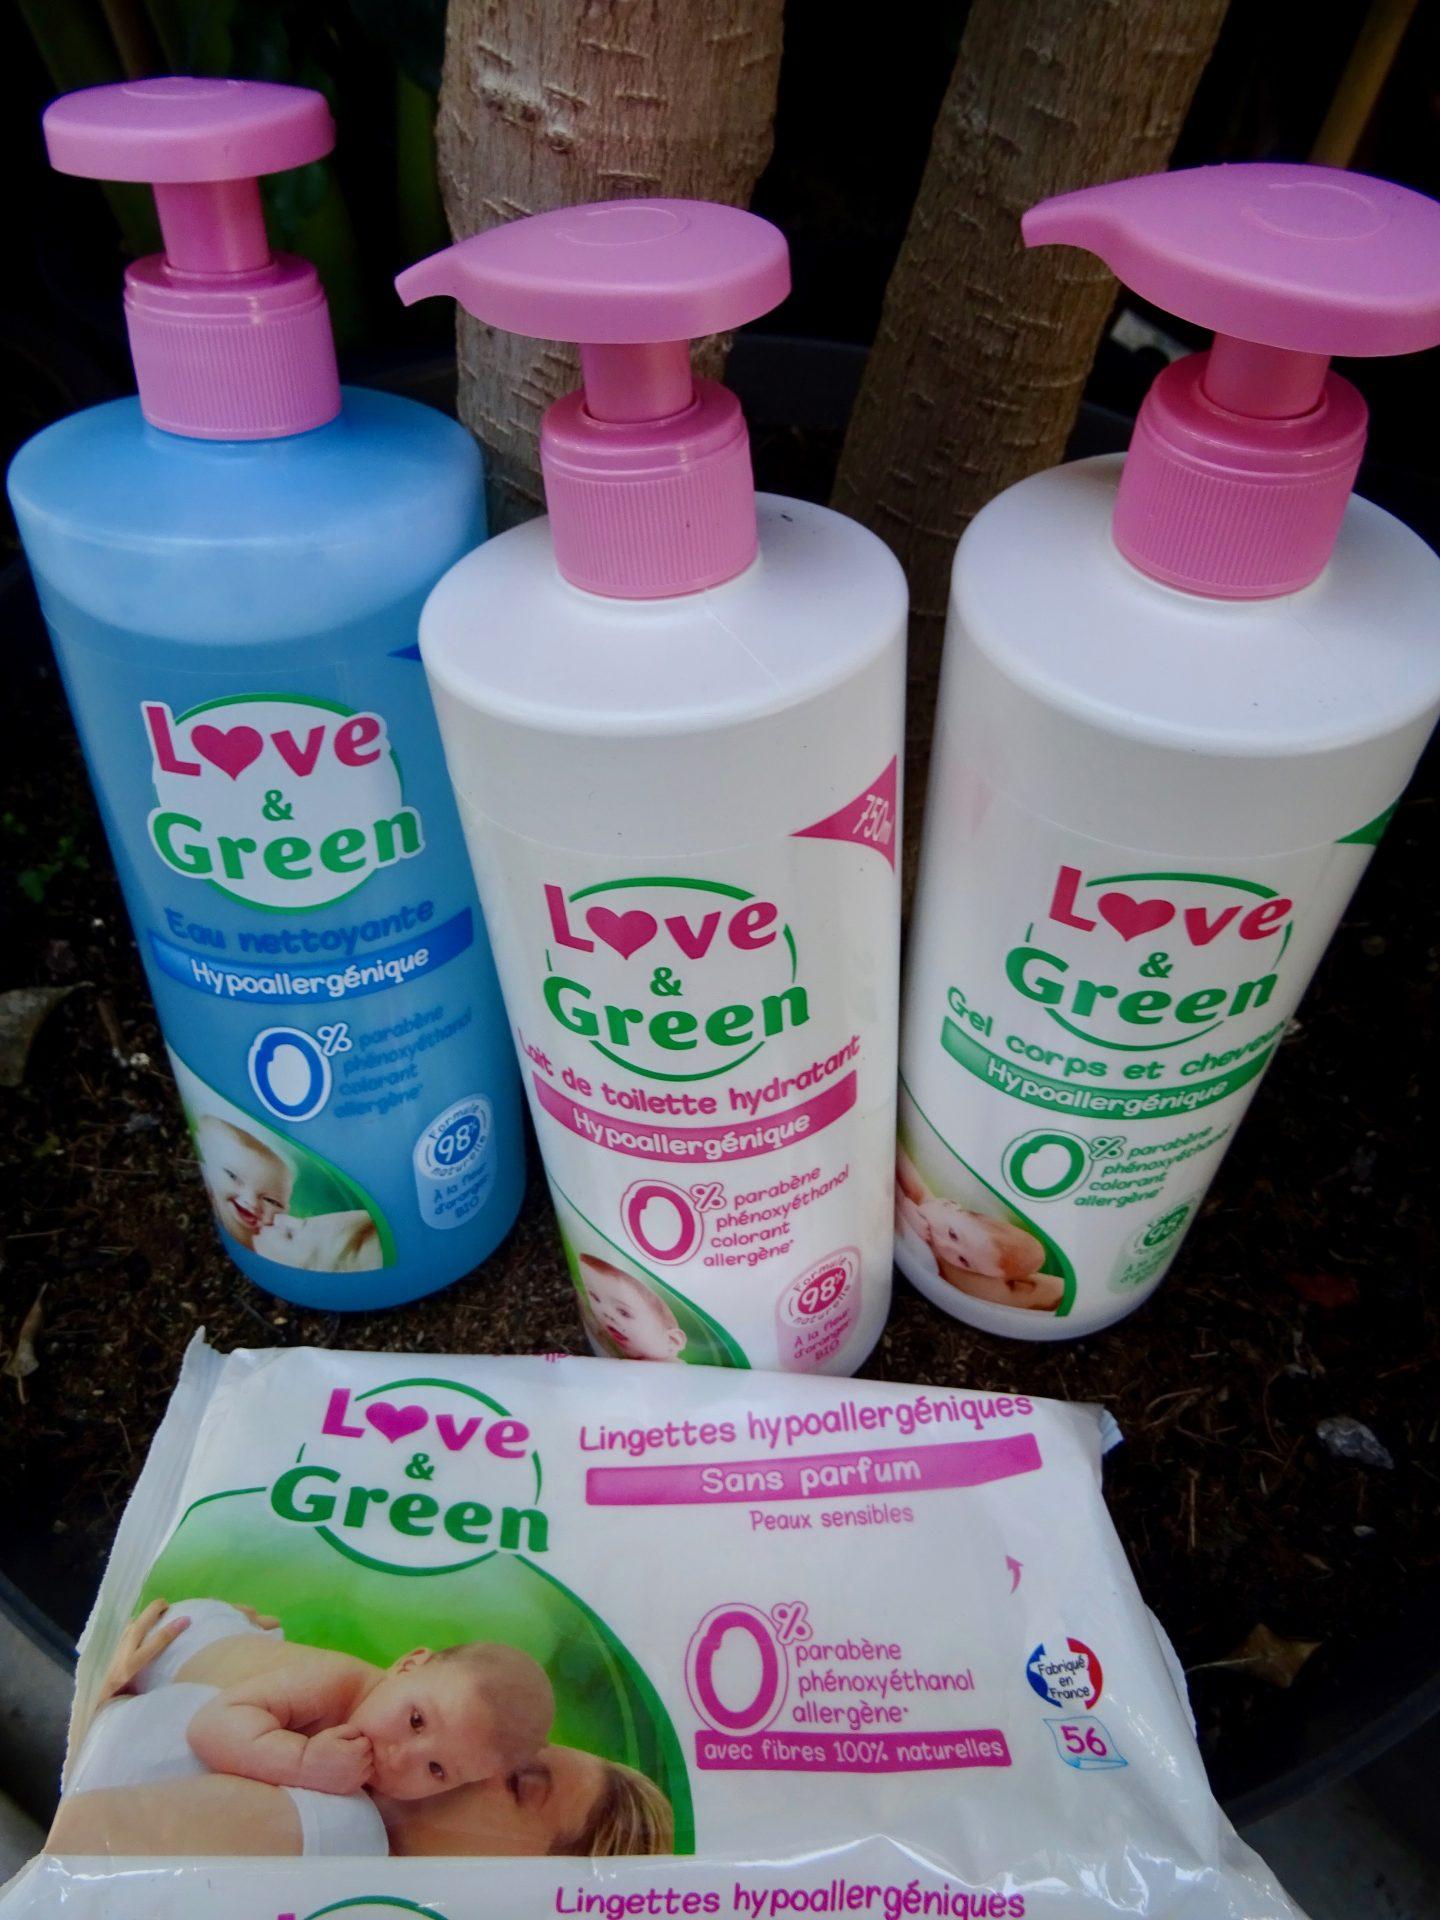 Les produits bébé de Love & Green, leur histoire et pourquoi j'ai choisi de leur faire confiance !